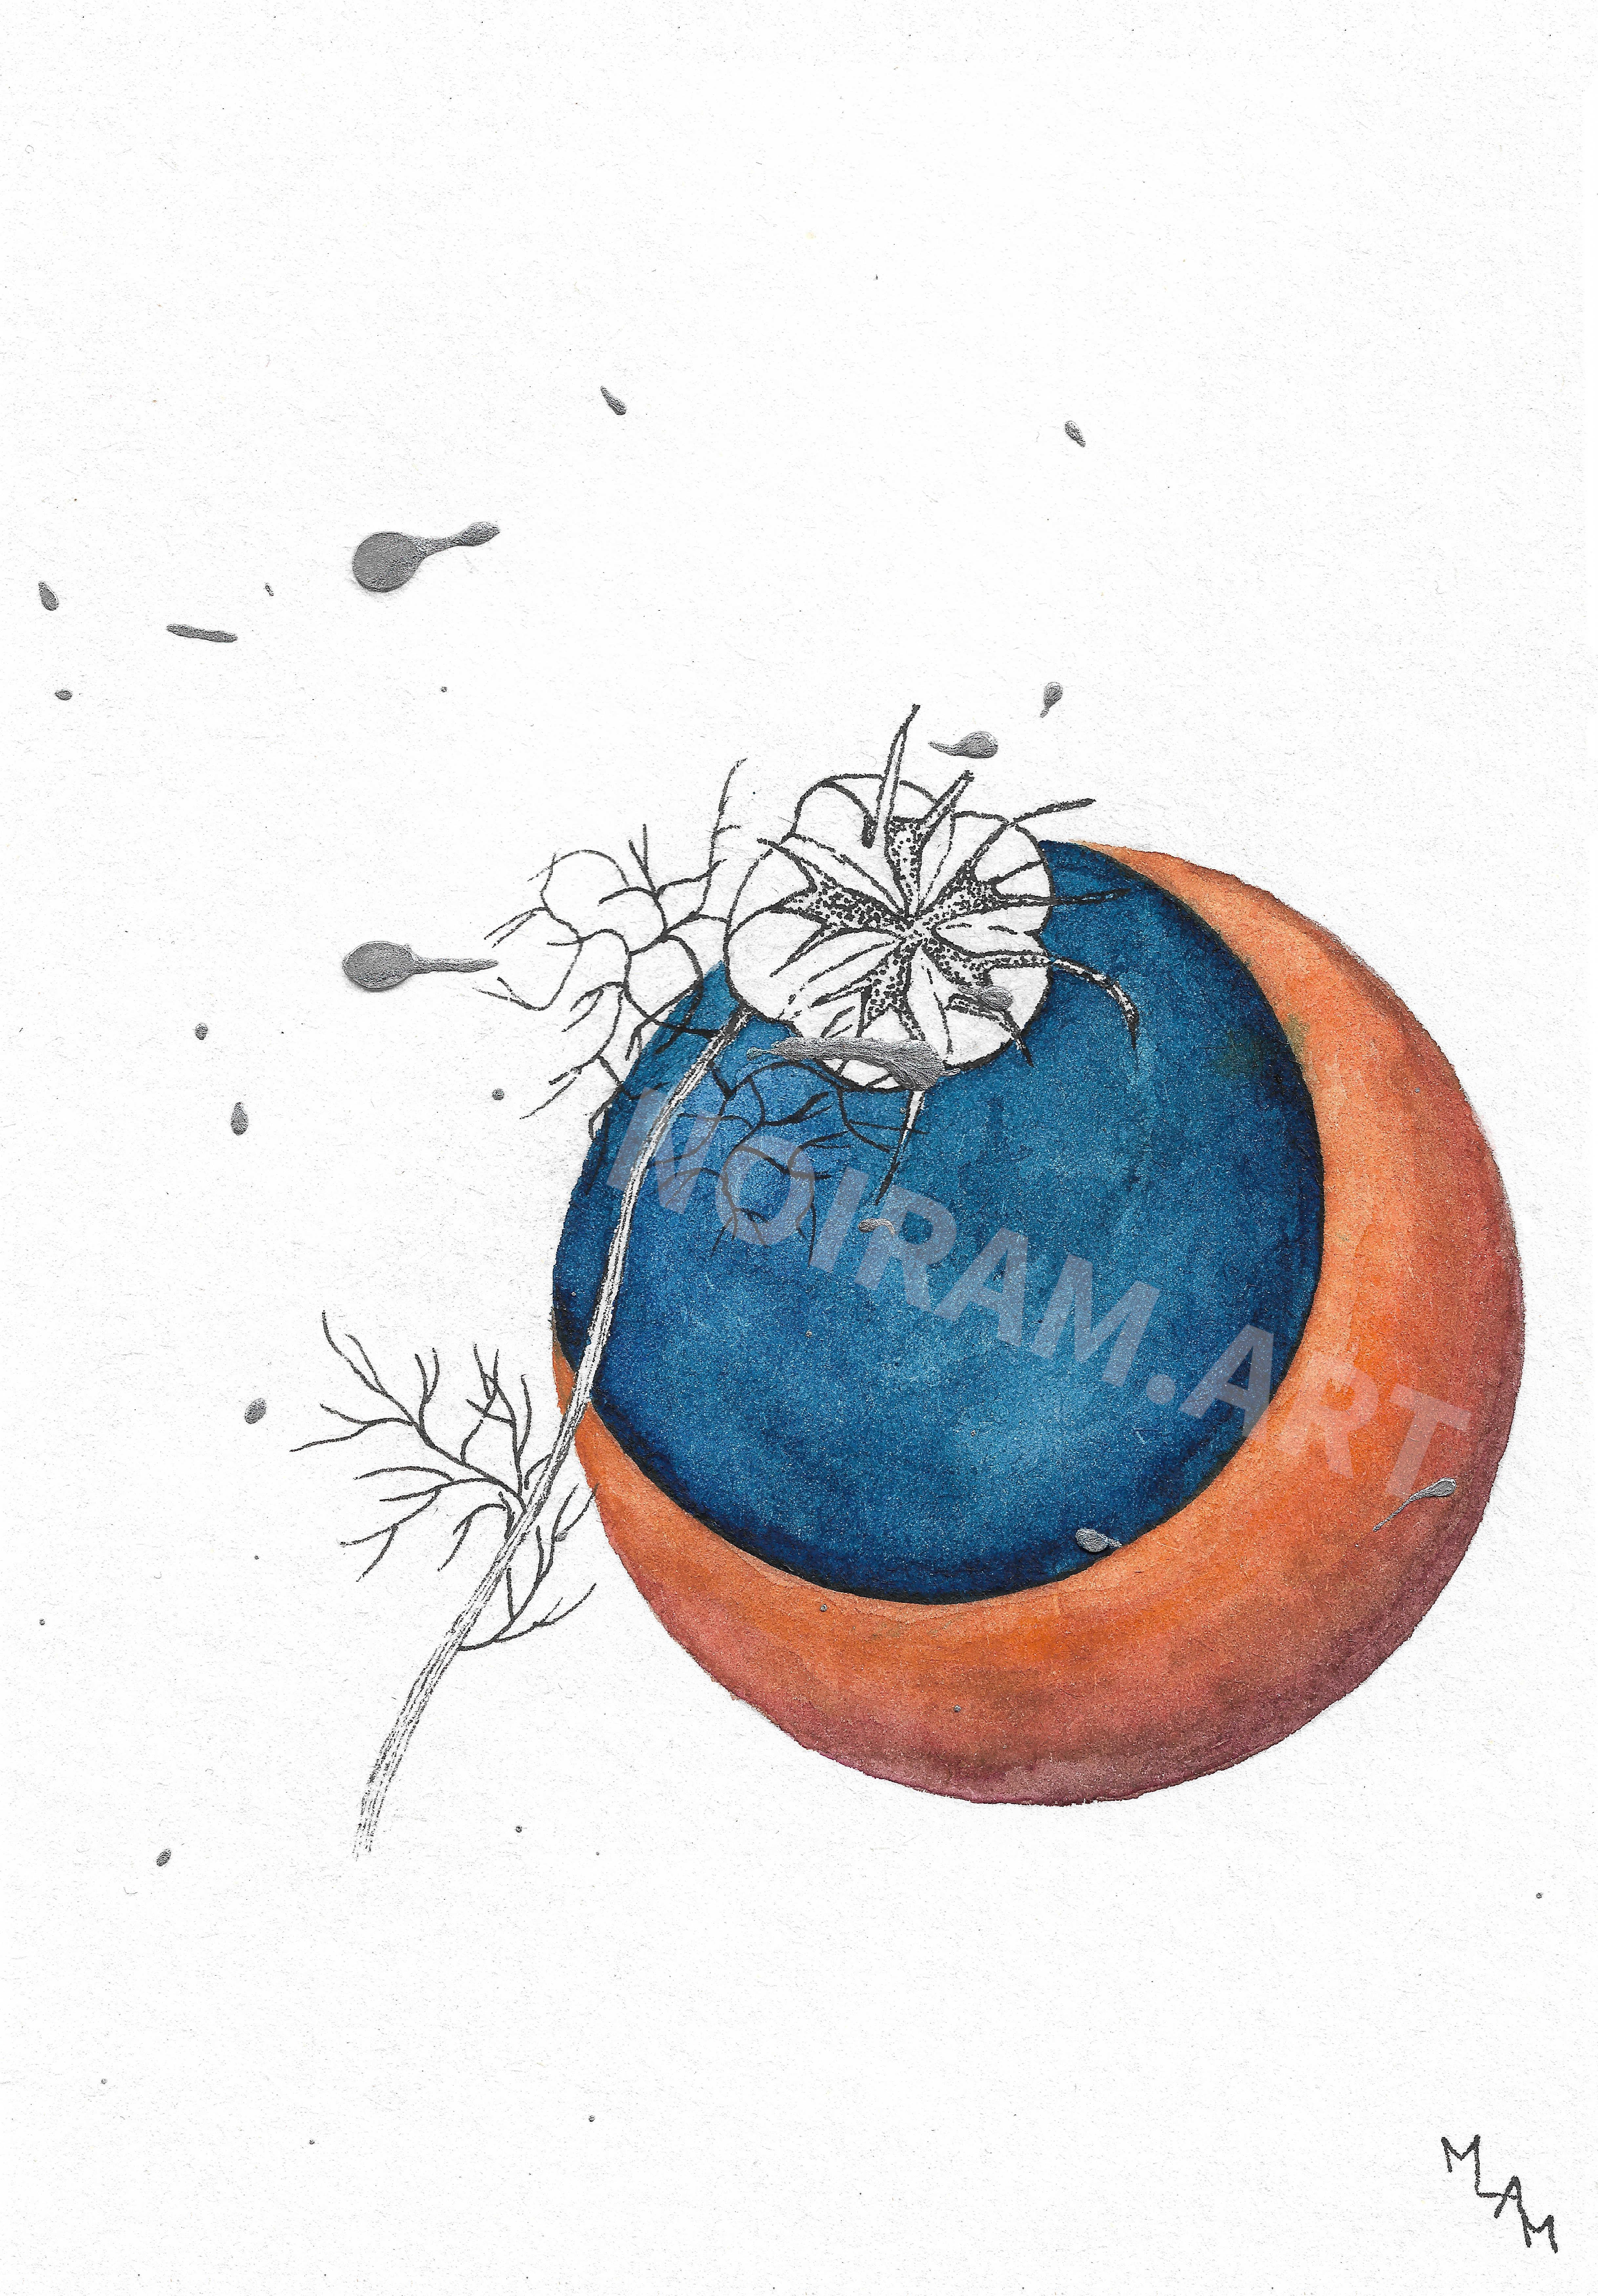 Aquarelle lune d'automne nigelle planète plante mlam noiram marion-lorraine poncet